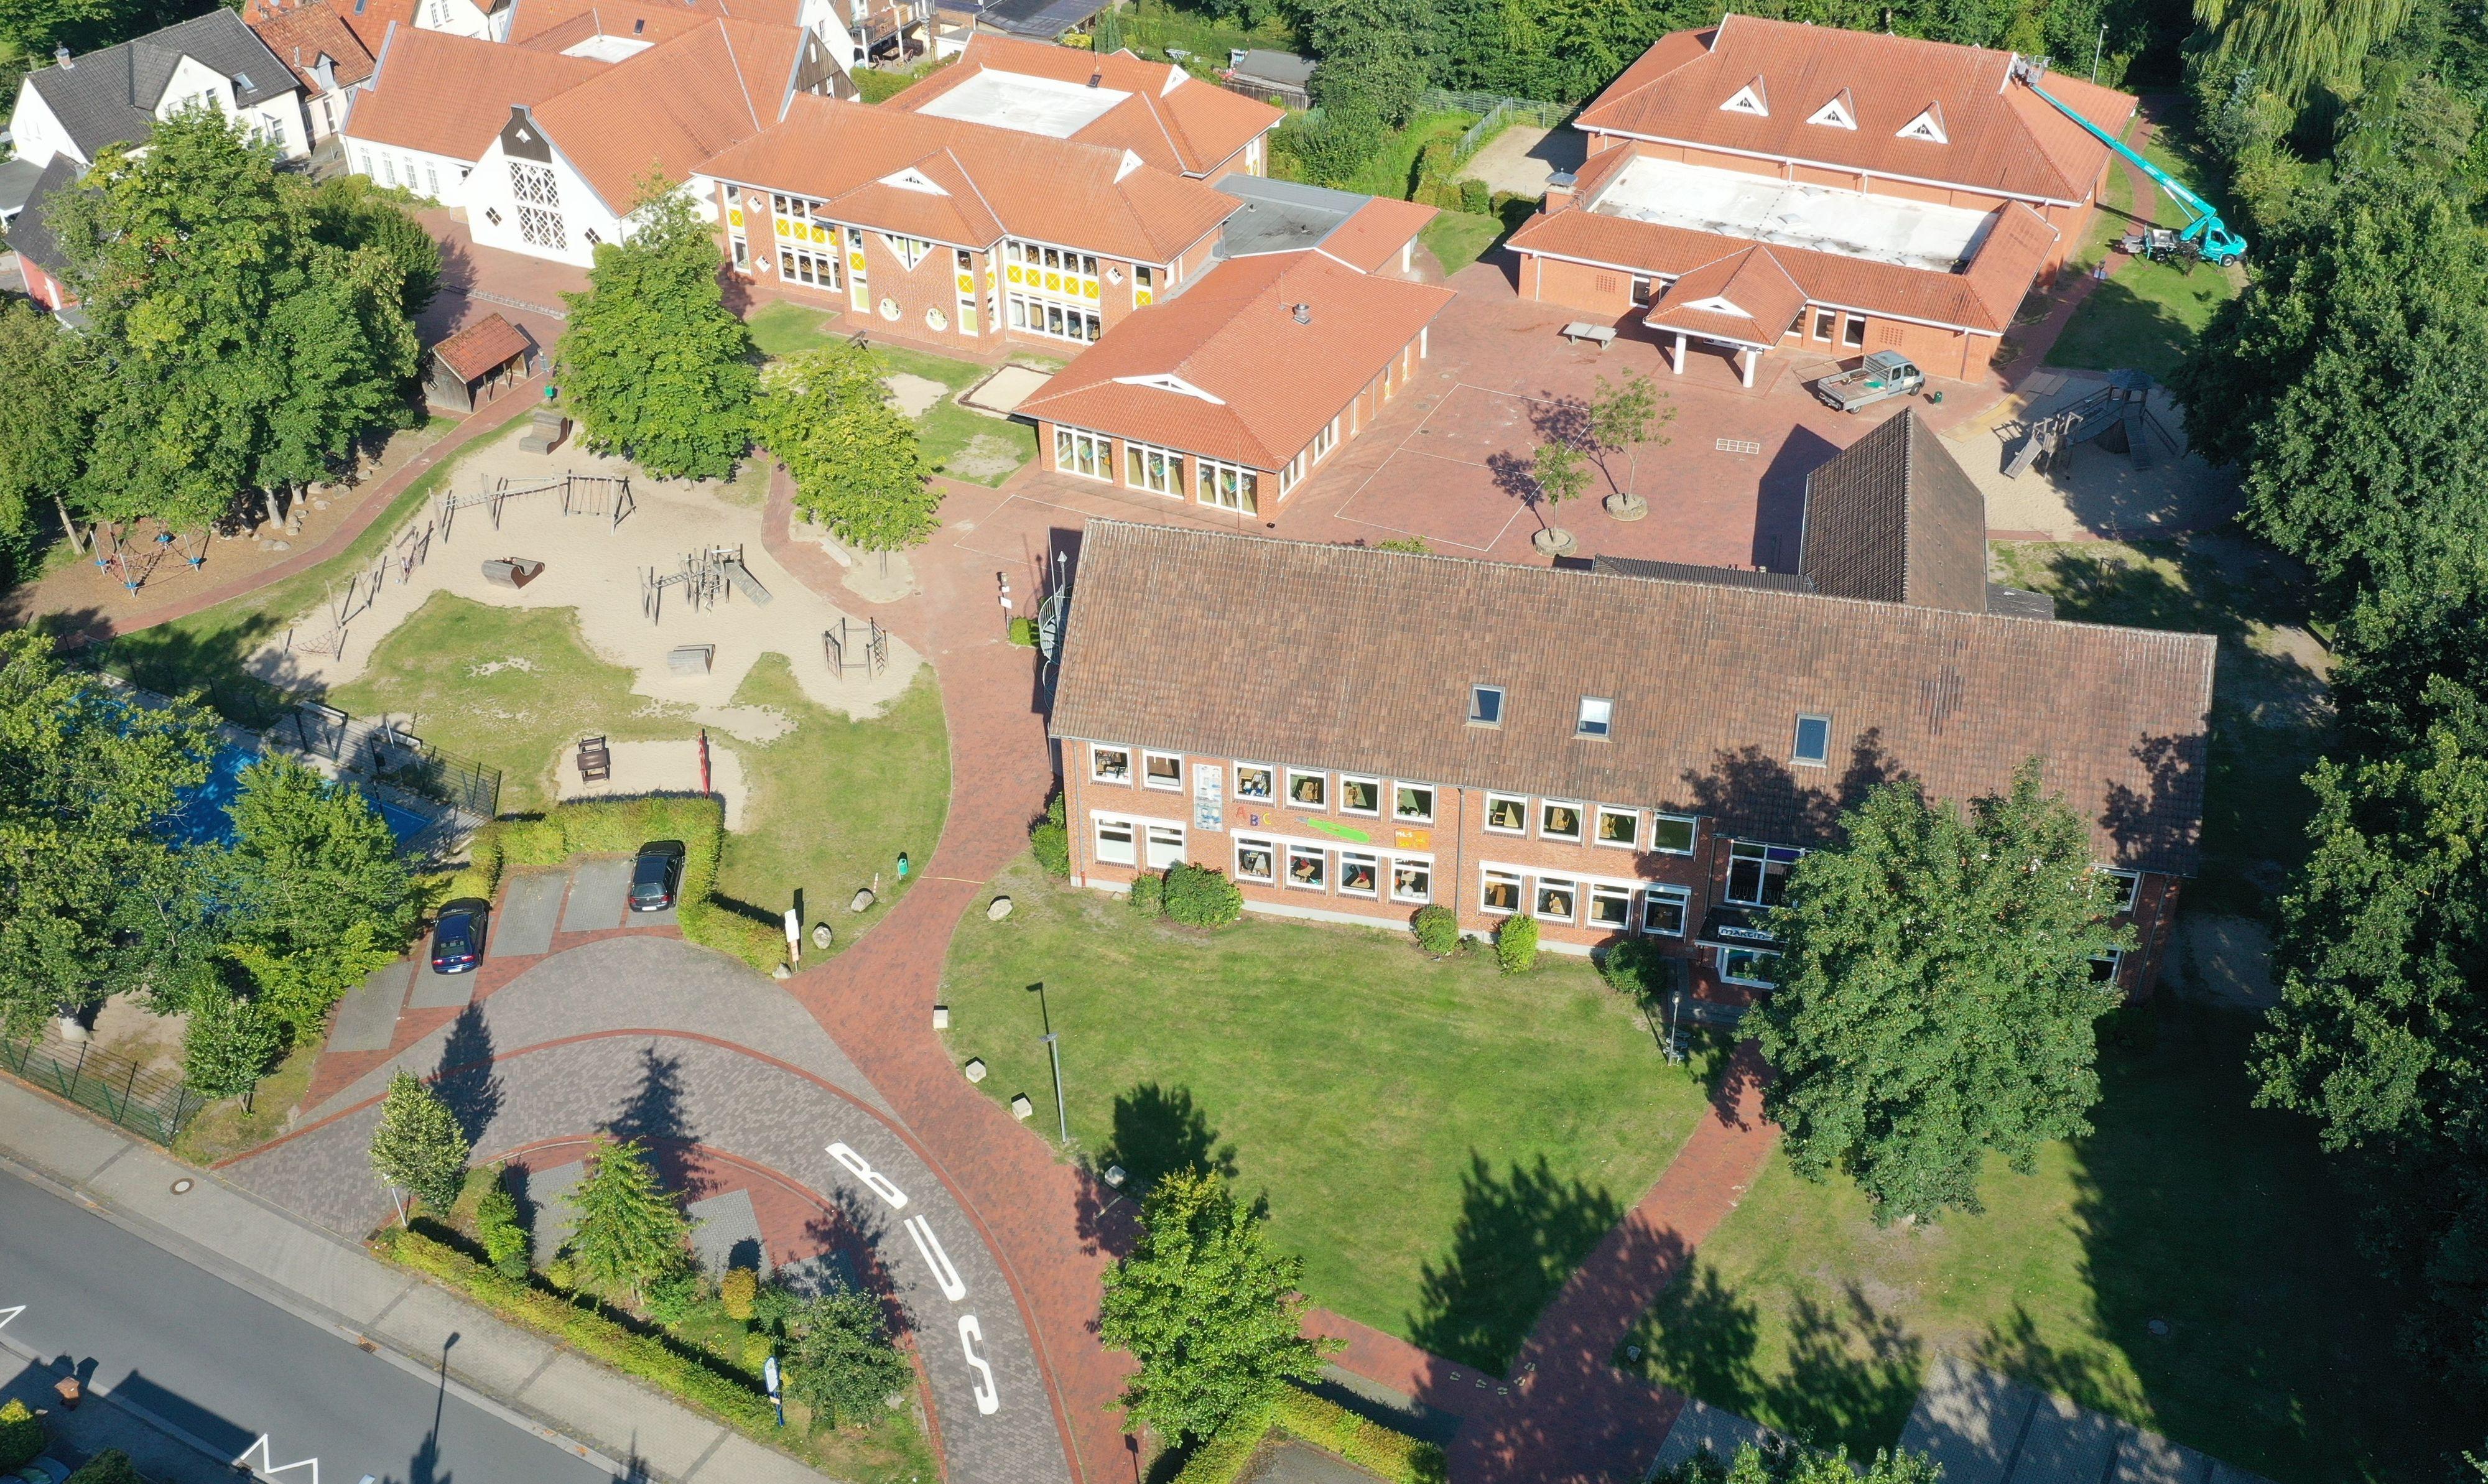 Nachbarschaft auf dem Bildungssektor: Wenn es nach den Plänen der Stadtverwaltung geht, sollen sich die Martin-Luther-Schule (vorne) und die Alexanderschule ab Sommer in eine Großbaustelle verwandeln. Foto: Lenger / Stadt Vechta